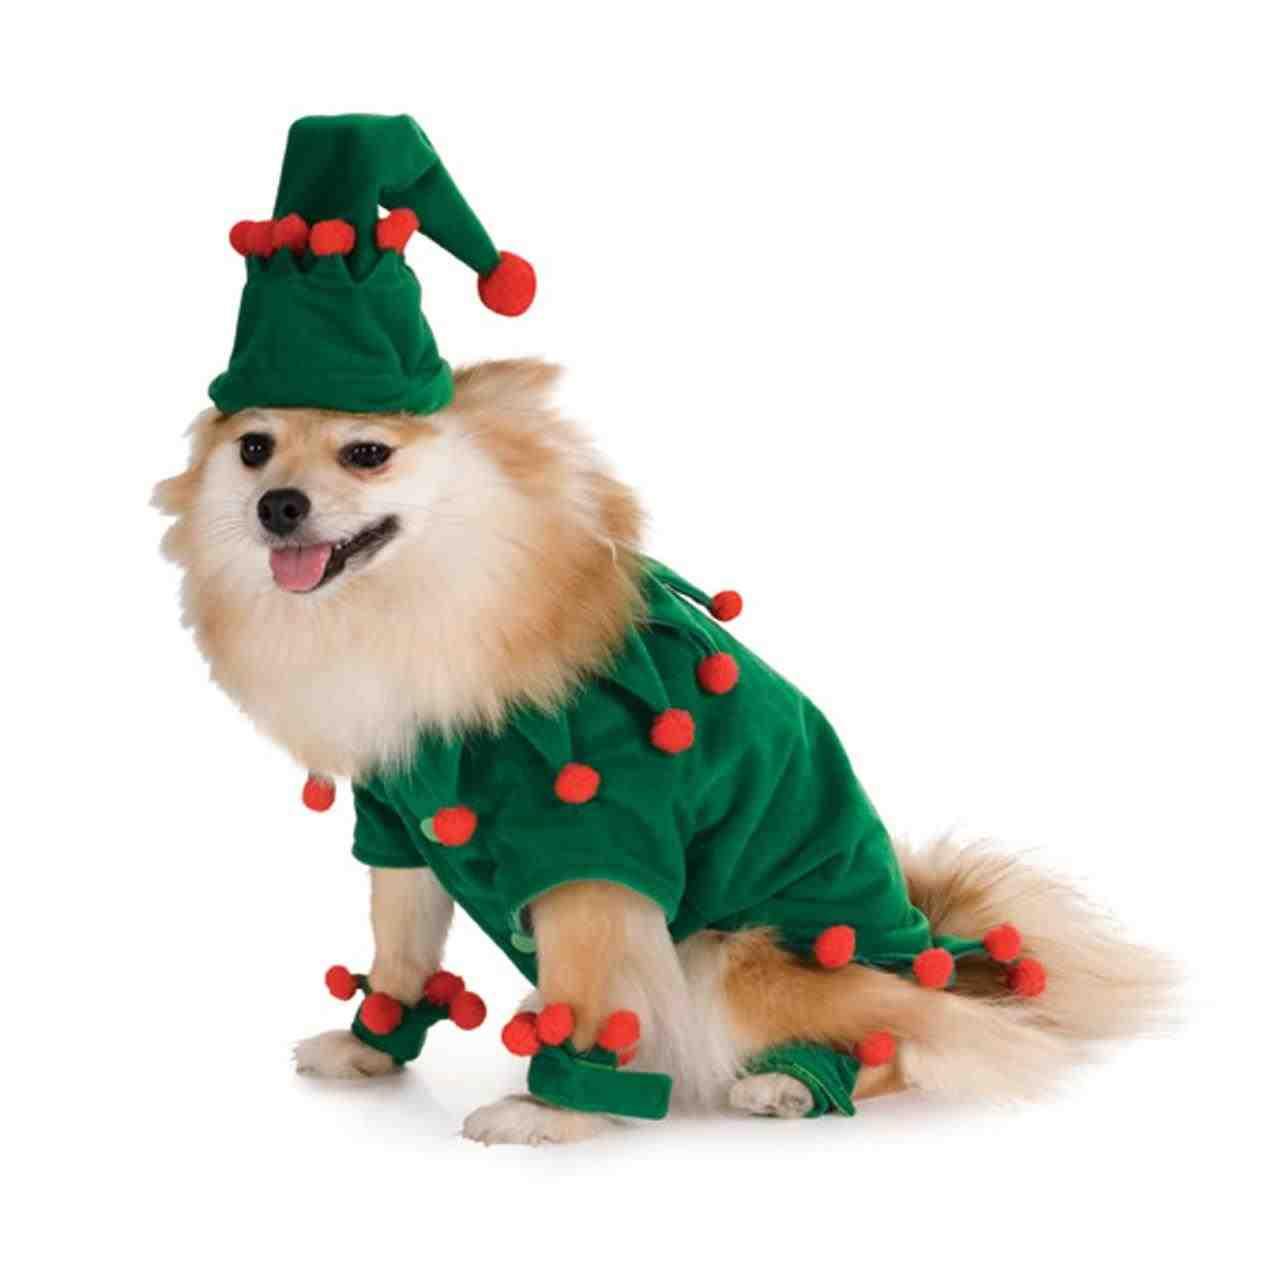 1264x1264 Christmas Dog Clipart Cartoon Clip Art Illustration Cute Stock